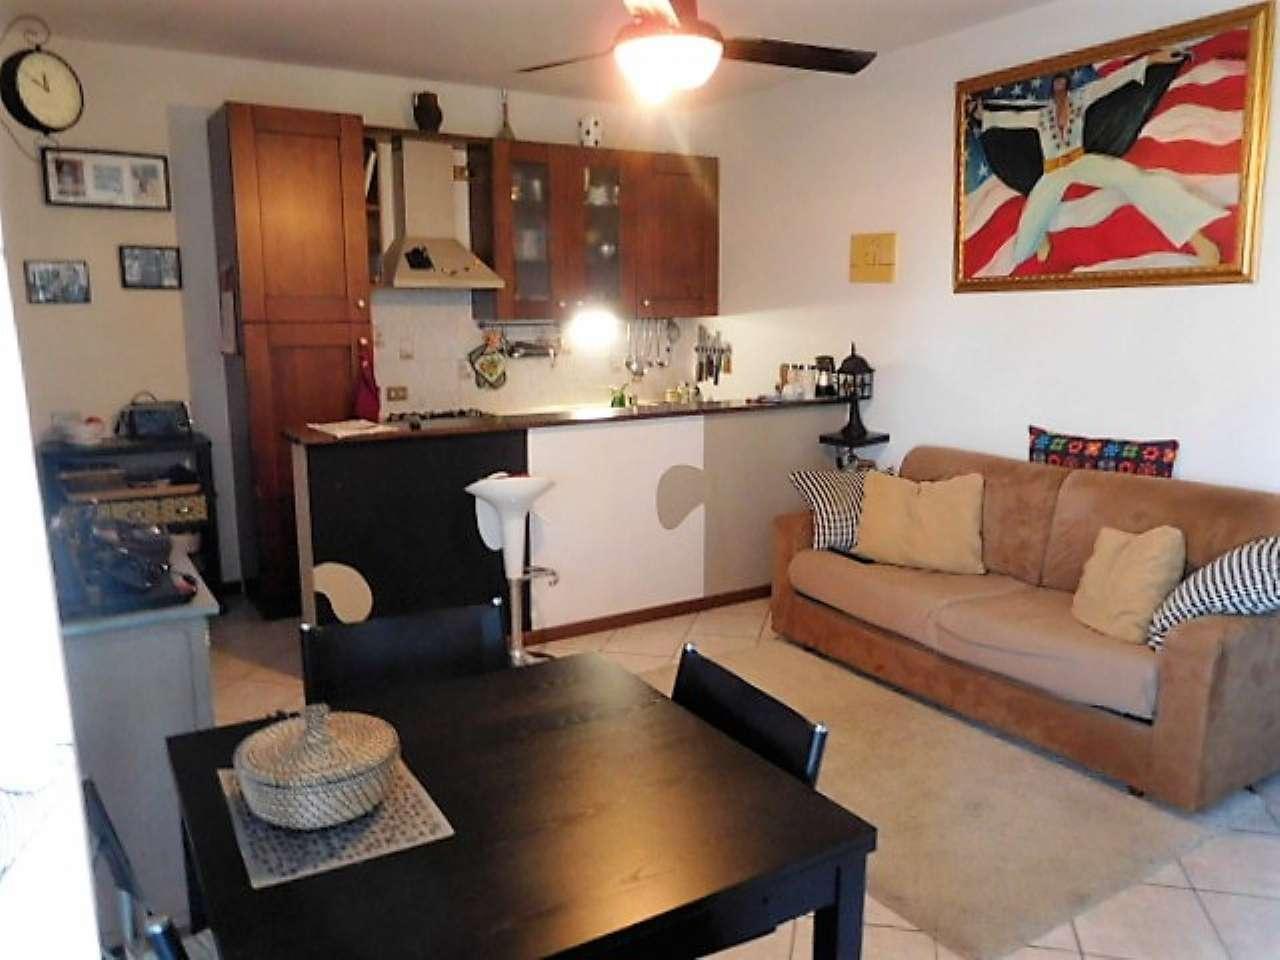 Appartamento in vendita a Marcignago, 2 locali, prezzo € 65.000 | CambioCasa.it